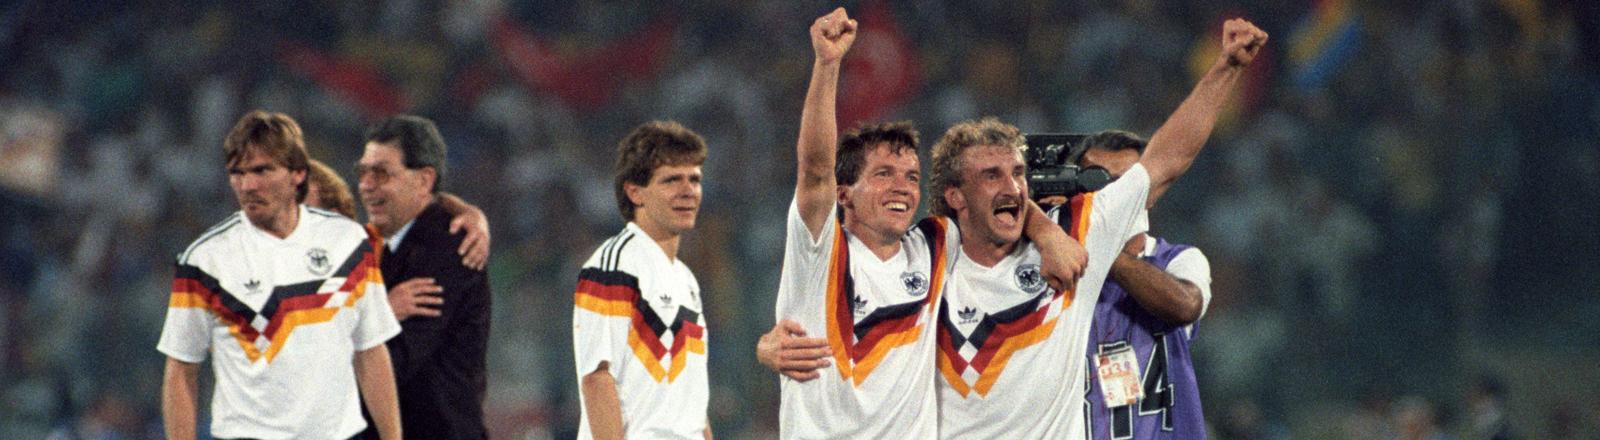 WM 1990 in Italien. Die deutschen Spieler jubeln.